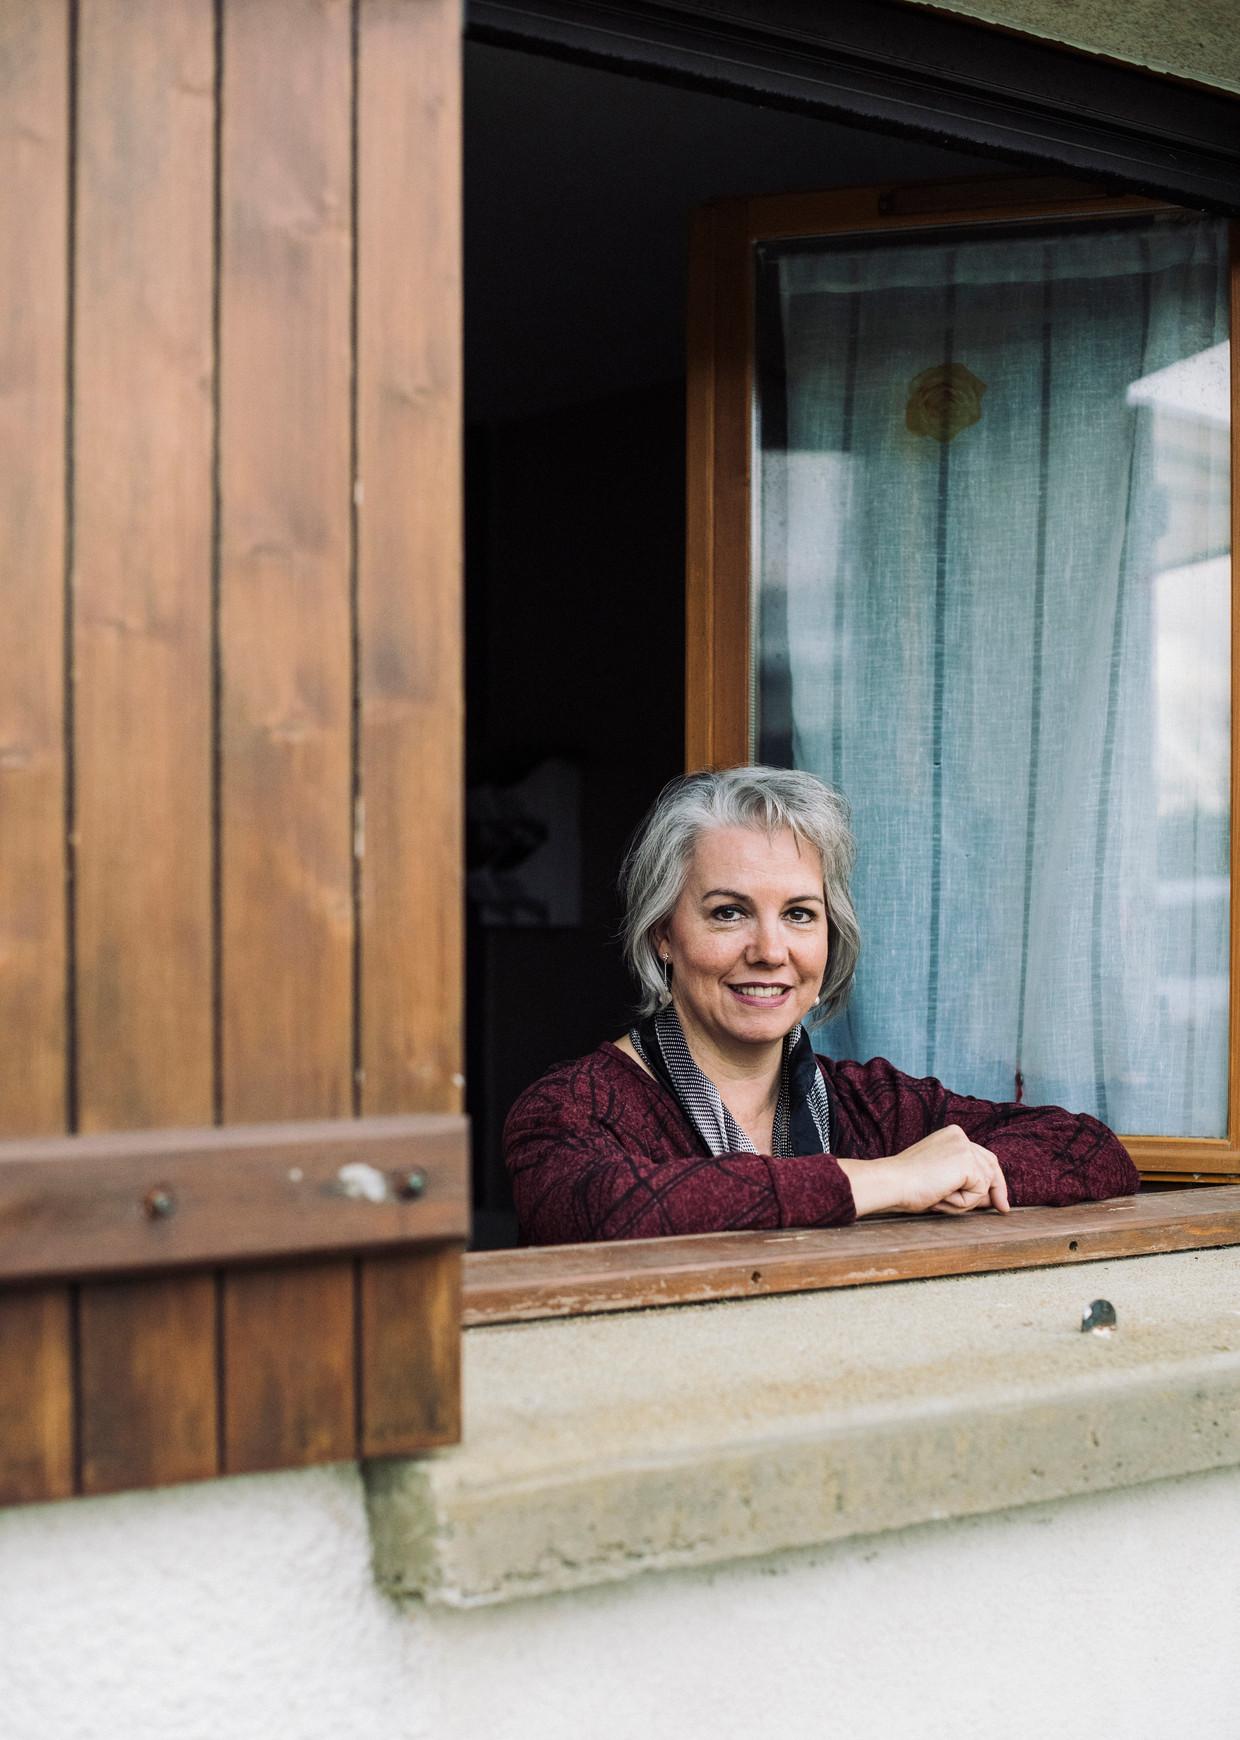 Jacline Mouraud zit dinsdagmiddag voor de televisie, met de luiken dicht en de deur op slot, als ze hoort dat de Franse regering eindelijk serieuze handreikingen doet aan de gele hesjes.